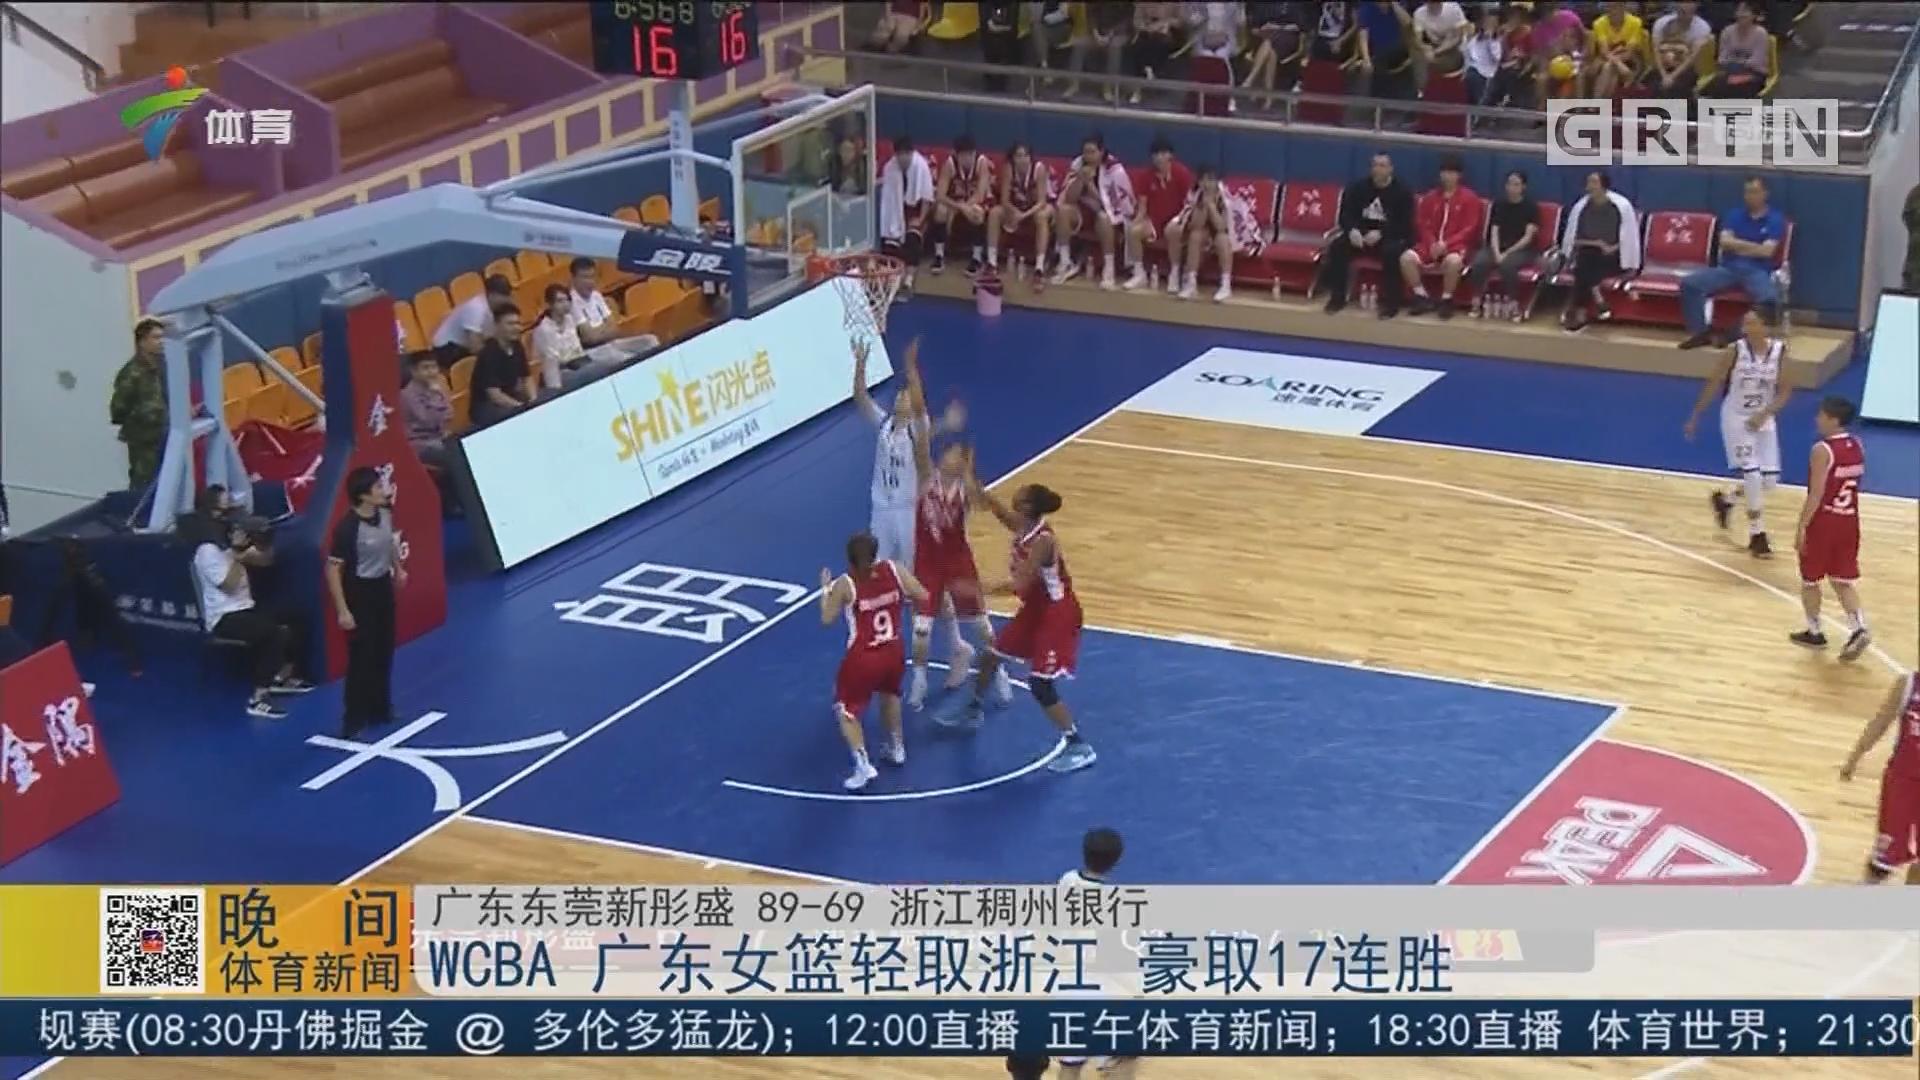 WCBA 广东女篮轻取浙江 豪取17连胜